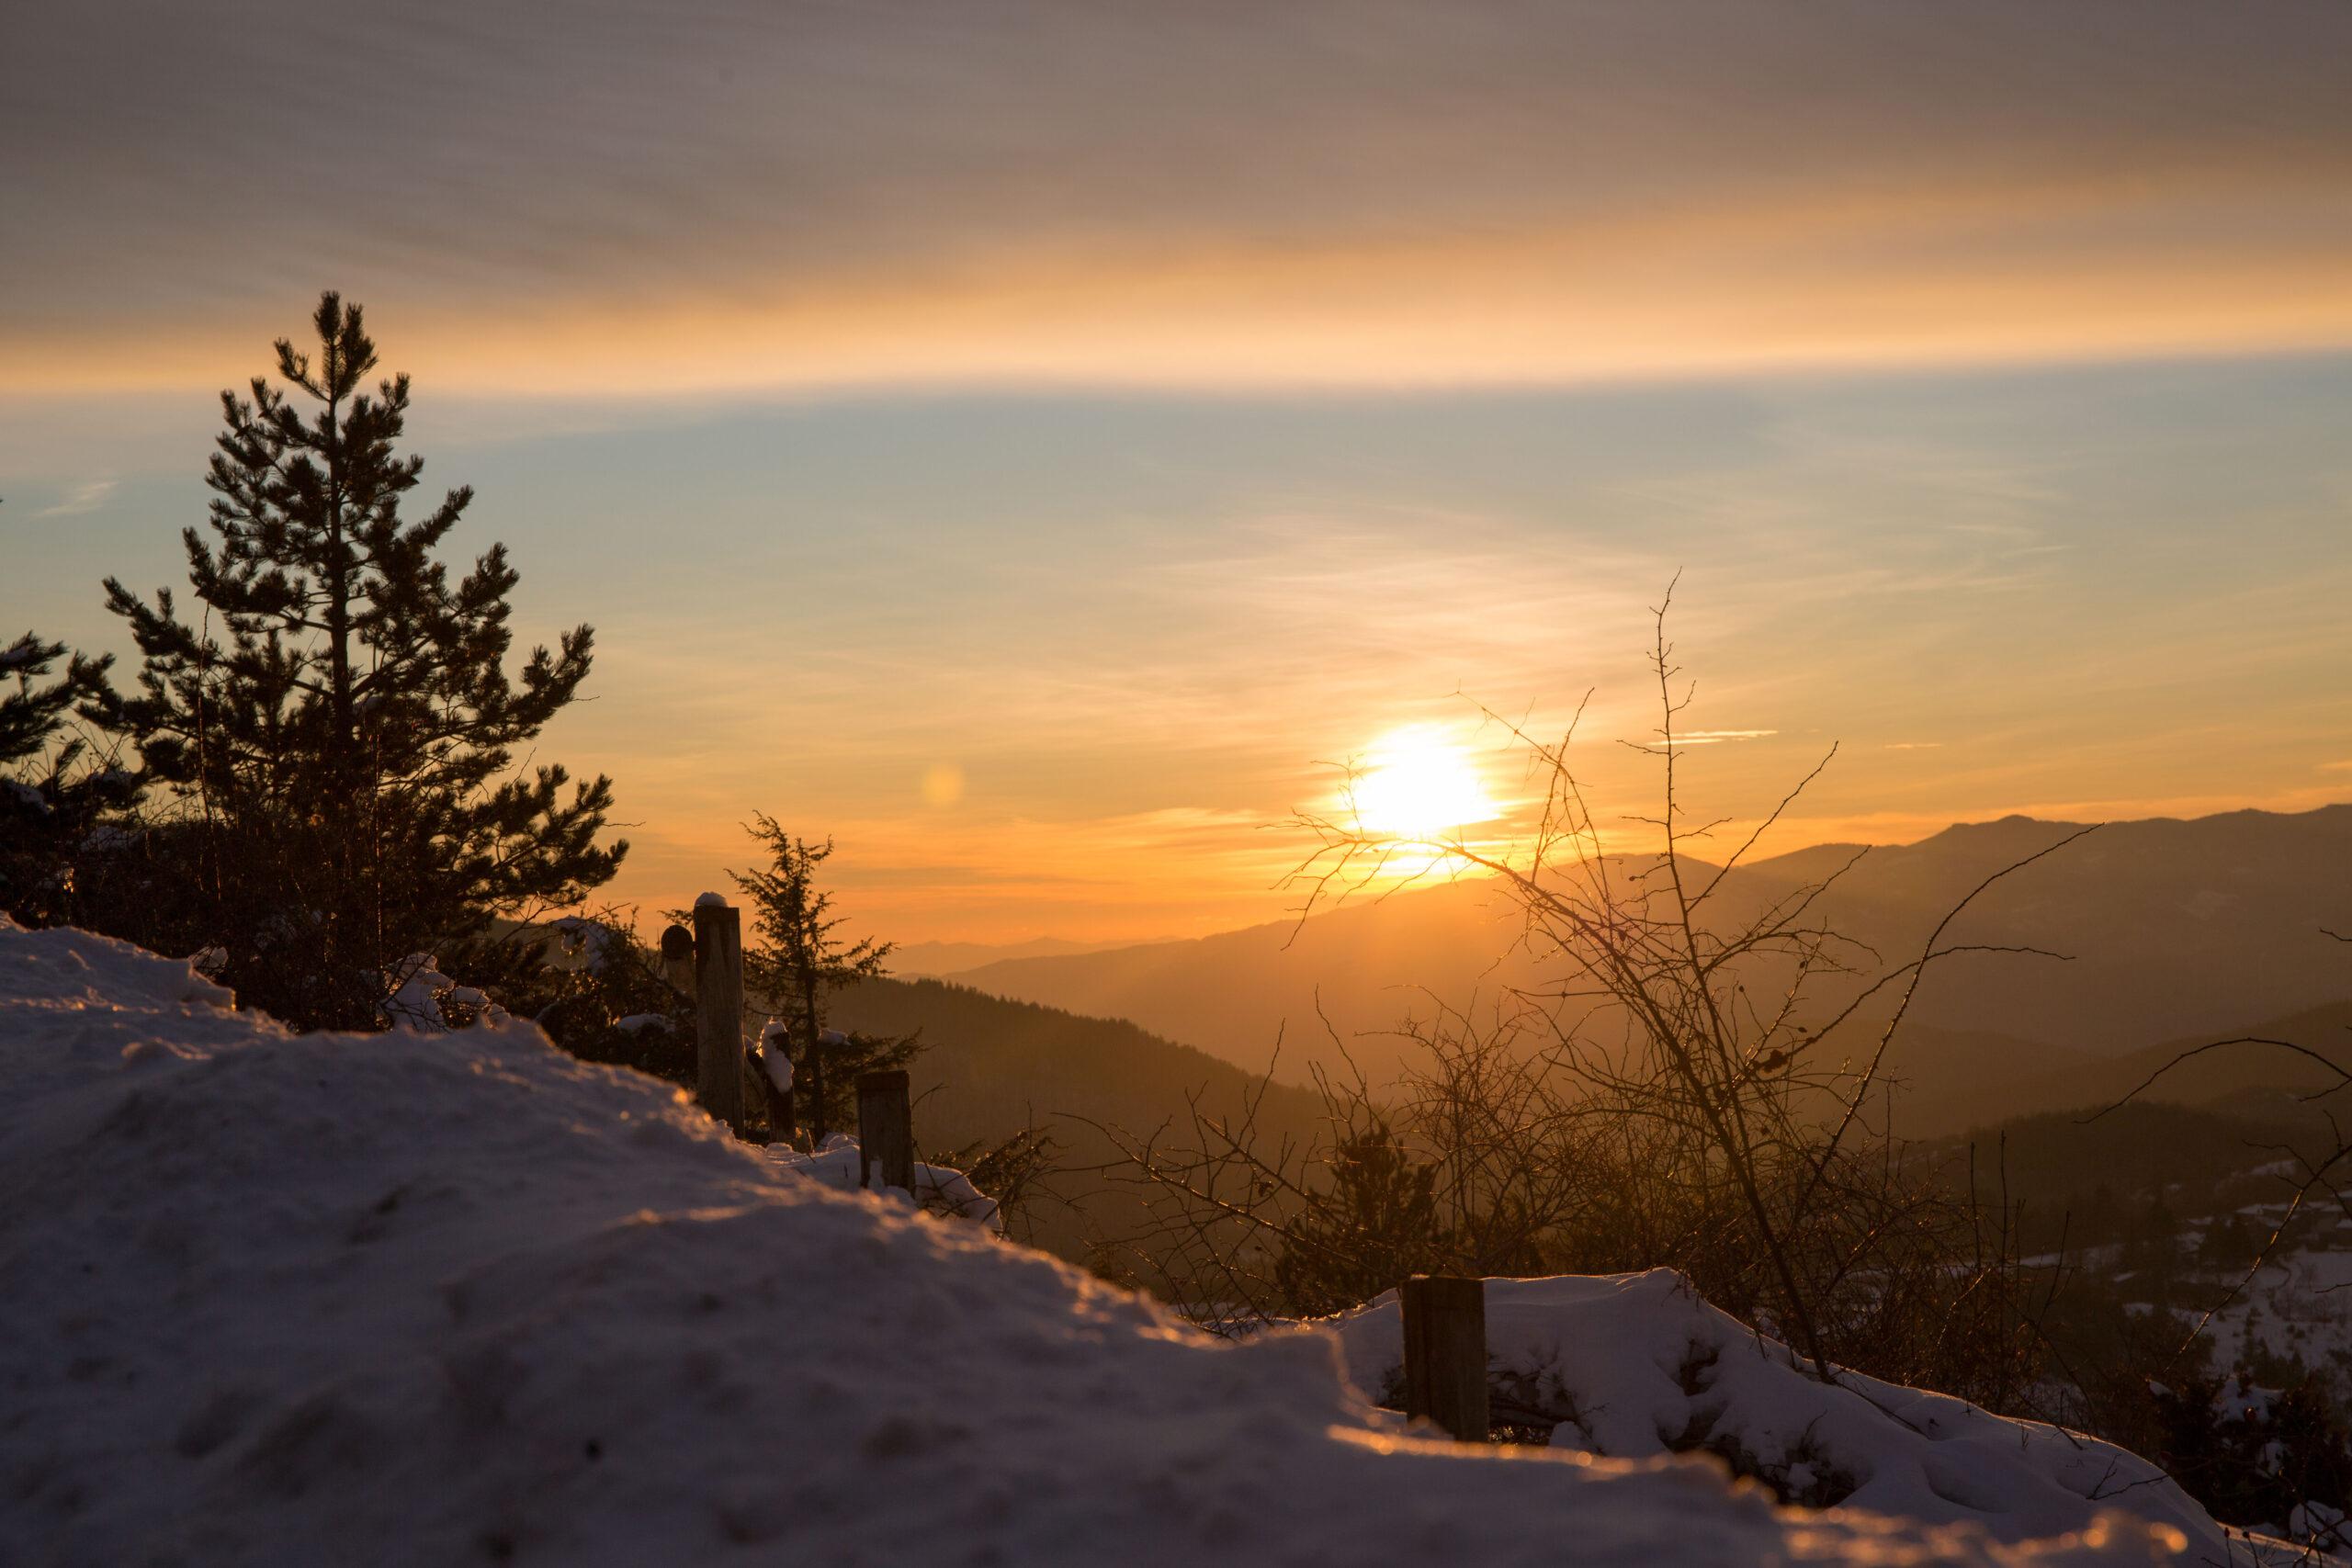 tramonto invernale per il passo dello spino Pieve Santo Stefano Arezzo Toscana